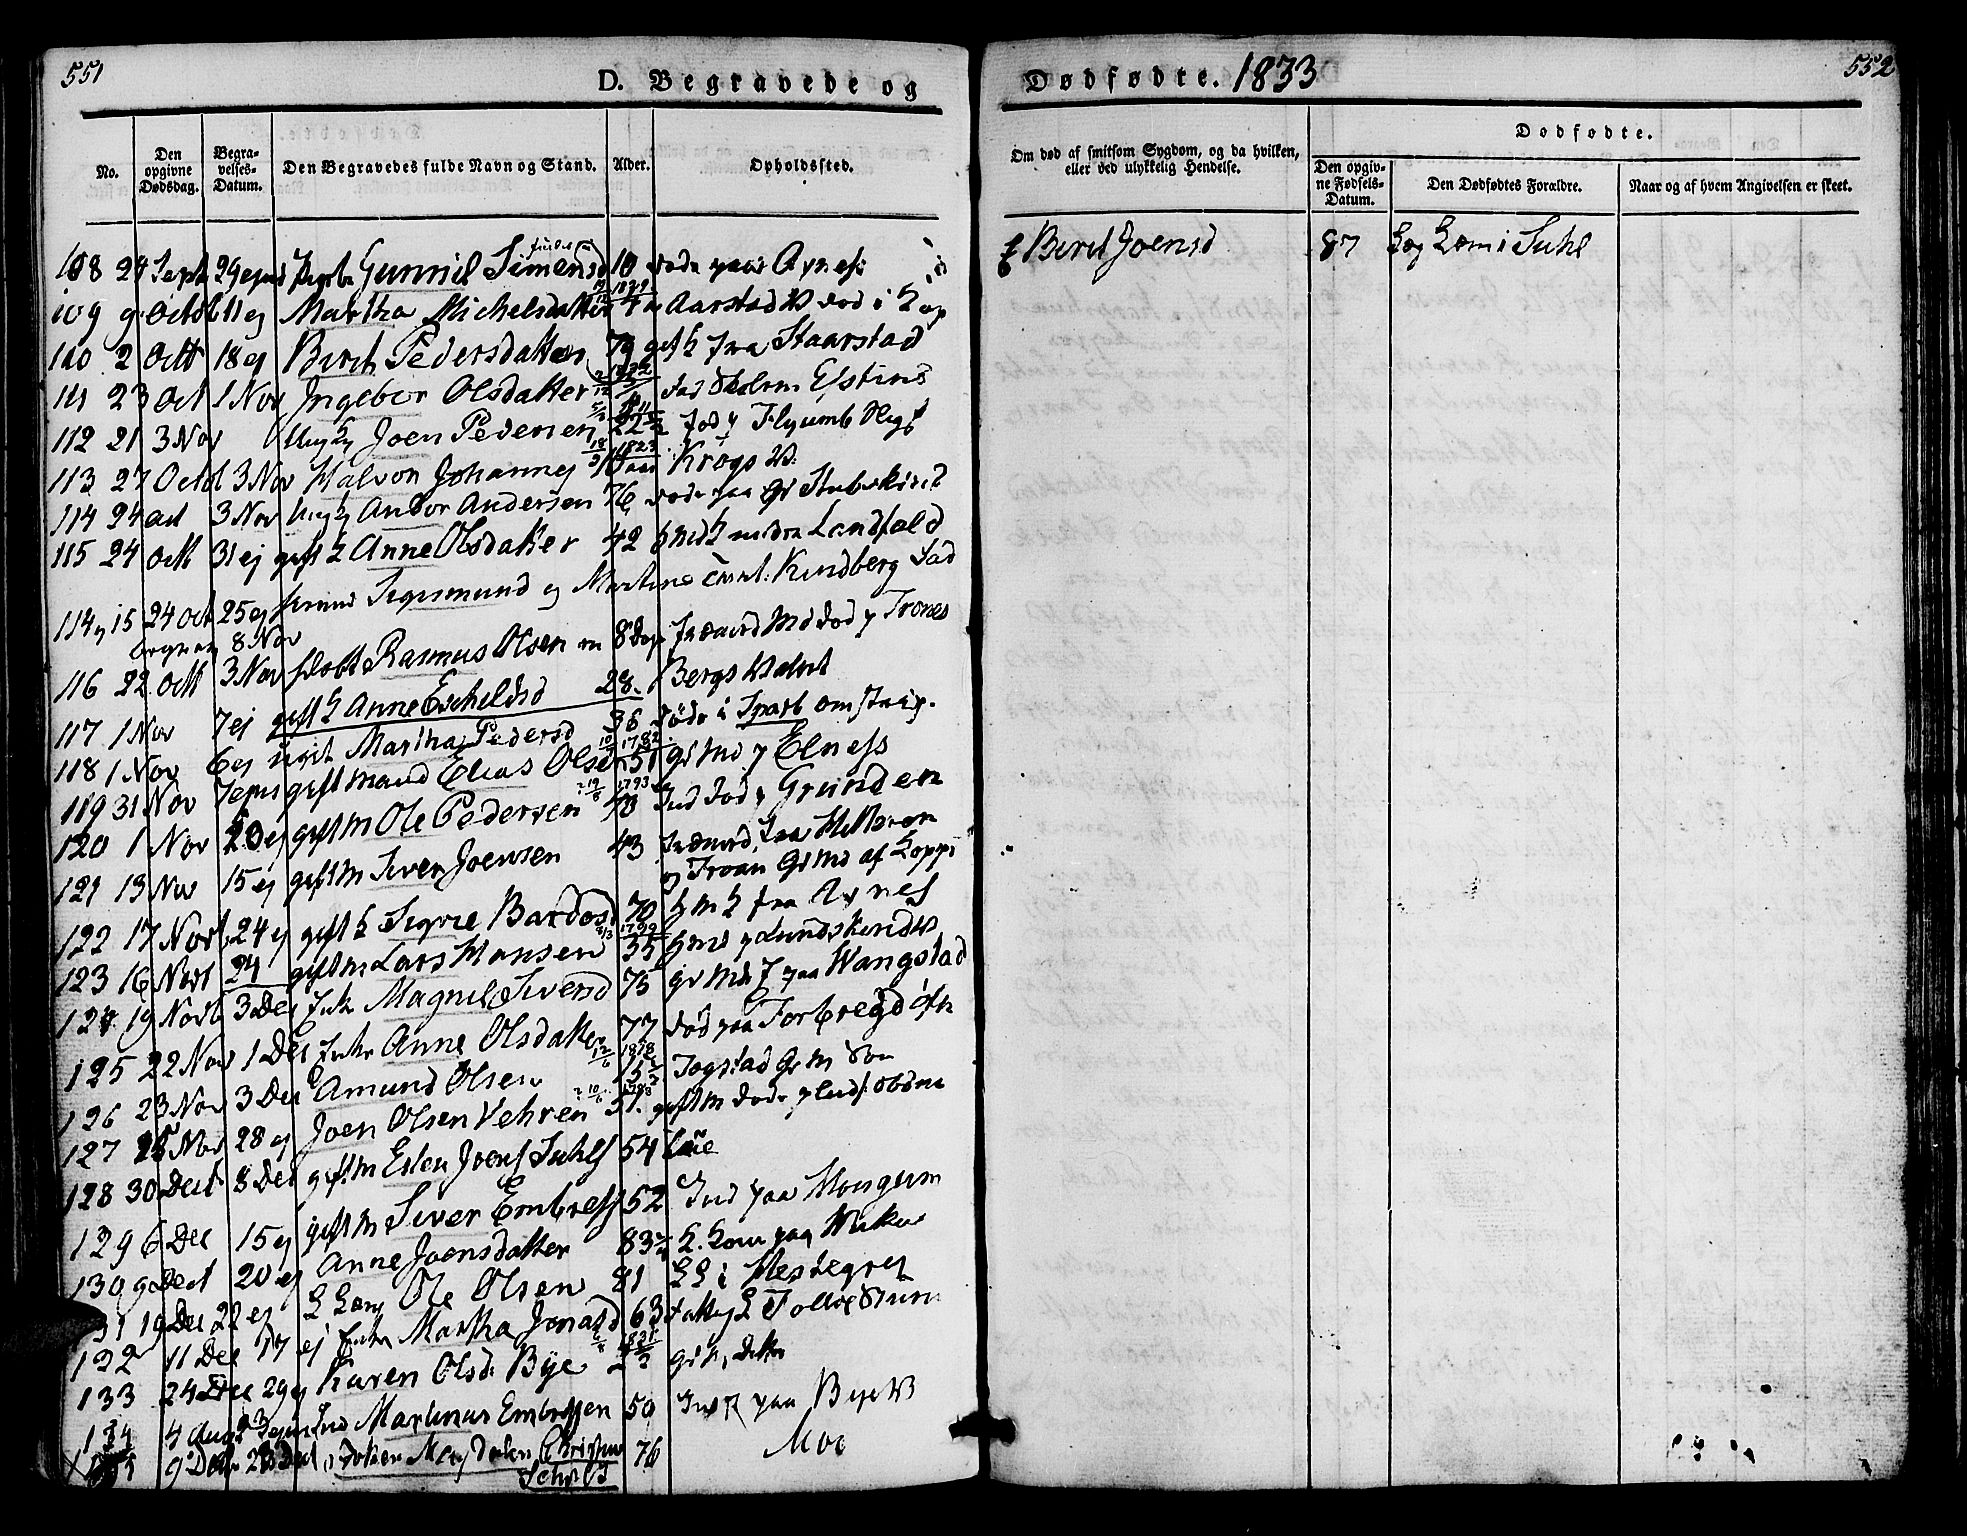 SAT, Ministerialprotokoller, klokkerbøker og fødselsregistre - Nord-Trøndelag, 723/L0238: Ministerialbok nr. 723A07, 1831-1840, s. 551-552